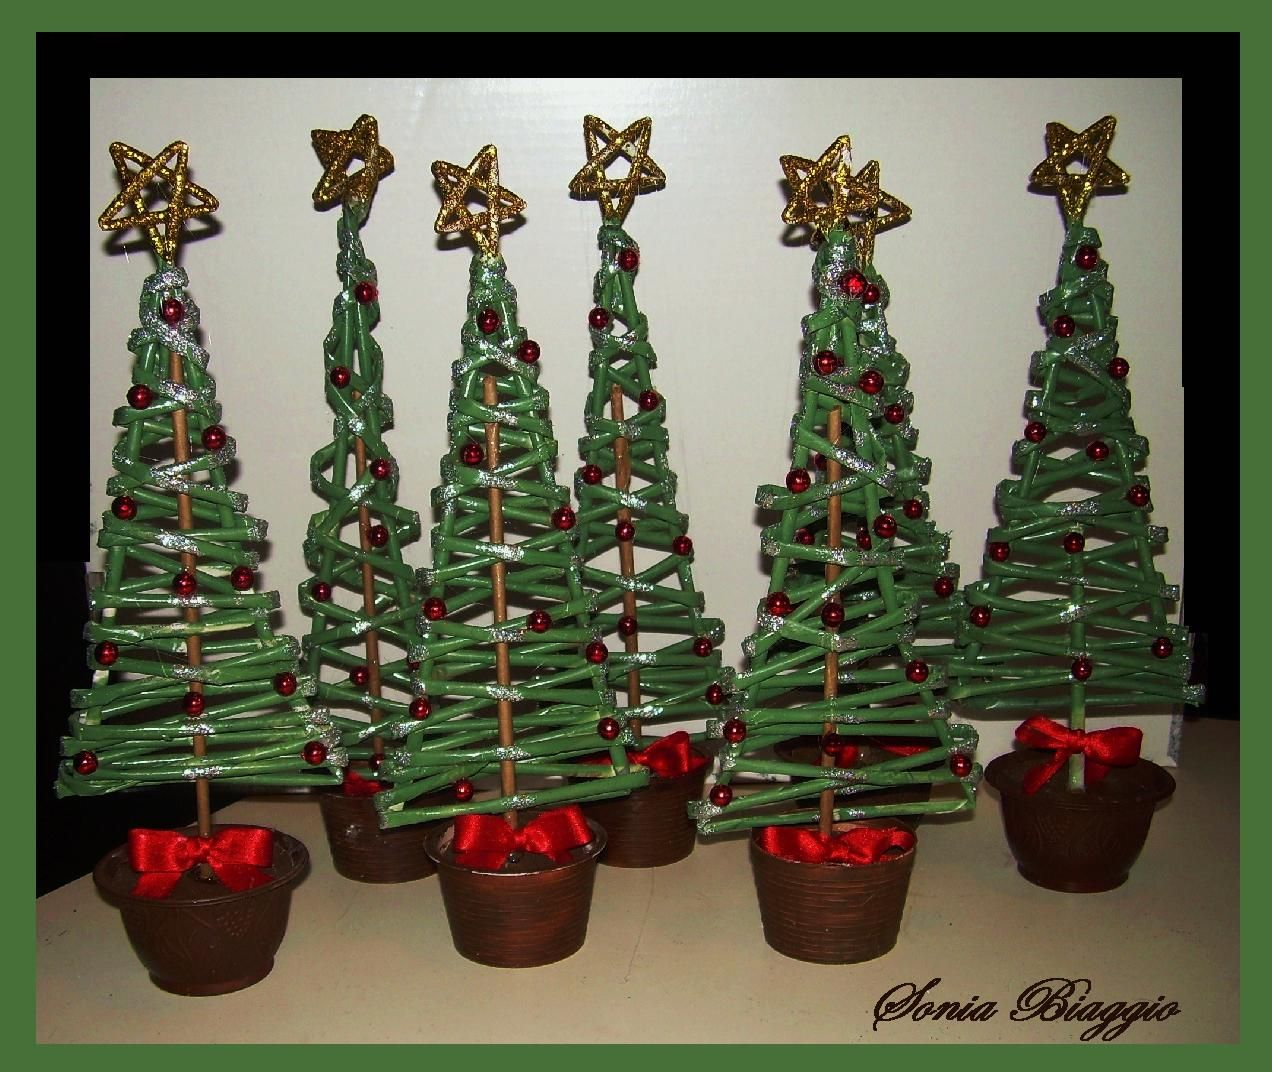 Albero Di Natale Con Cannucce Di Carta.Alberi Di Natale Con Cannucce Di Carta Elochki Pletenie Iz Gazet